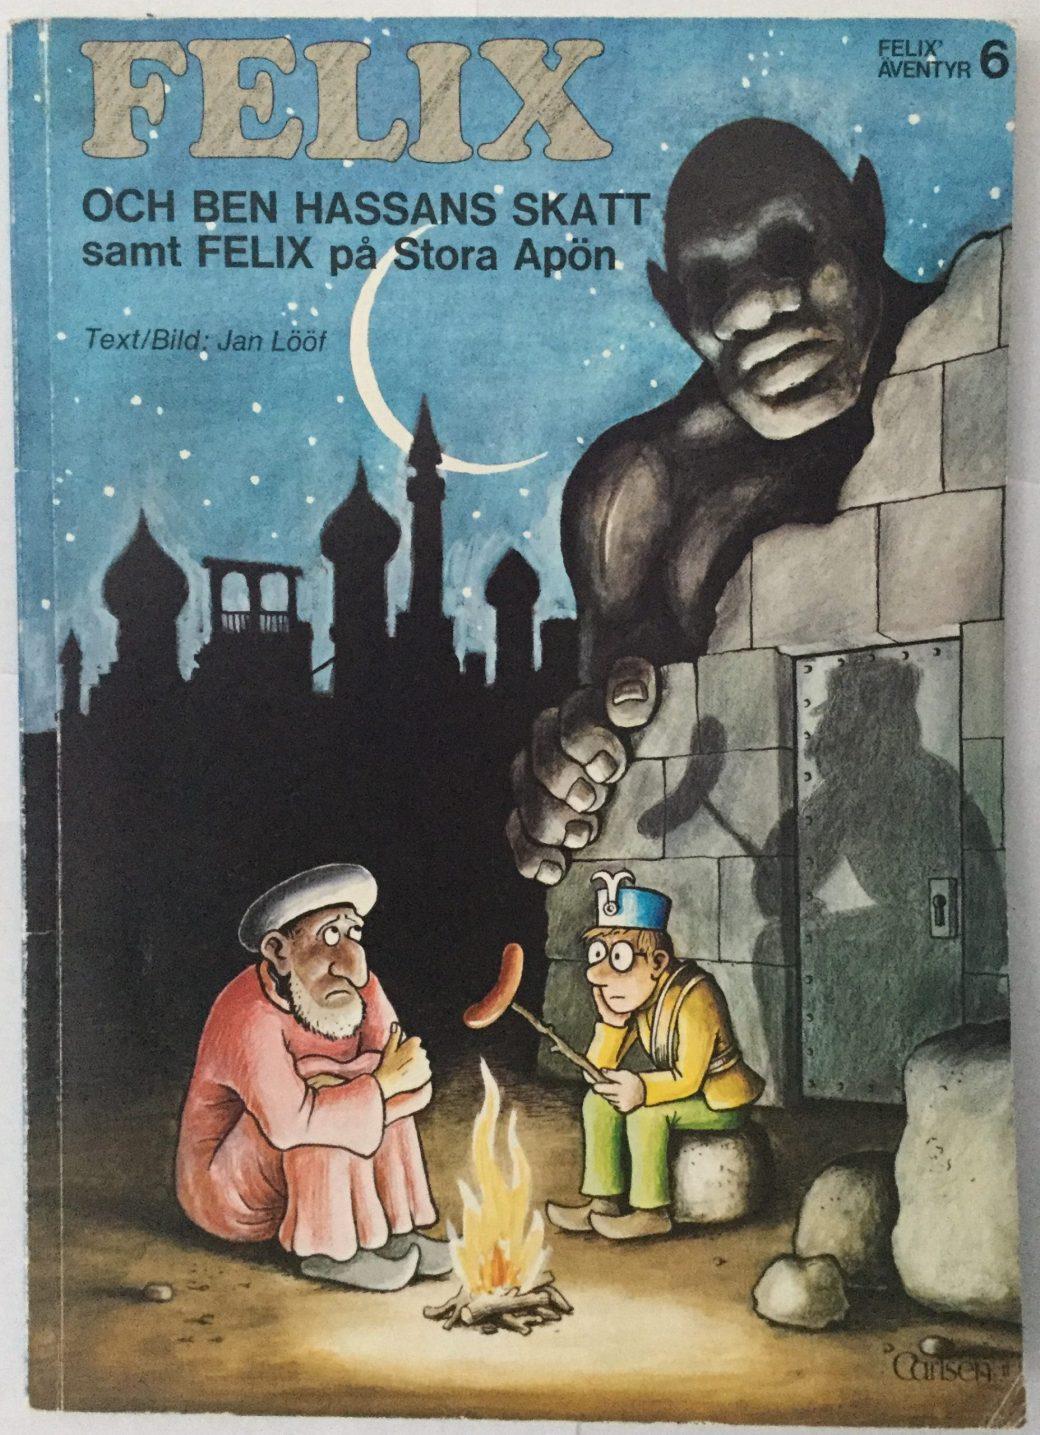 Felix och Ben Hassans skatt